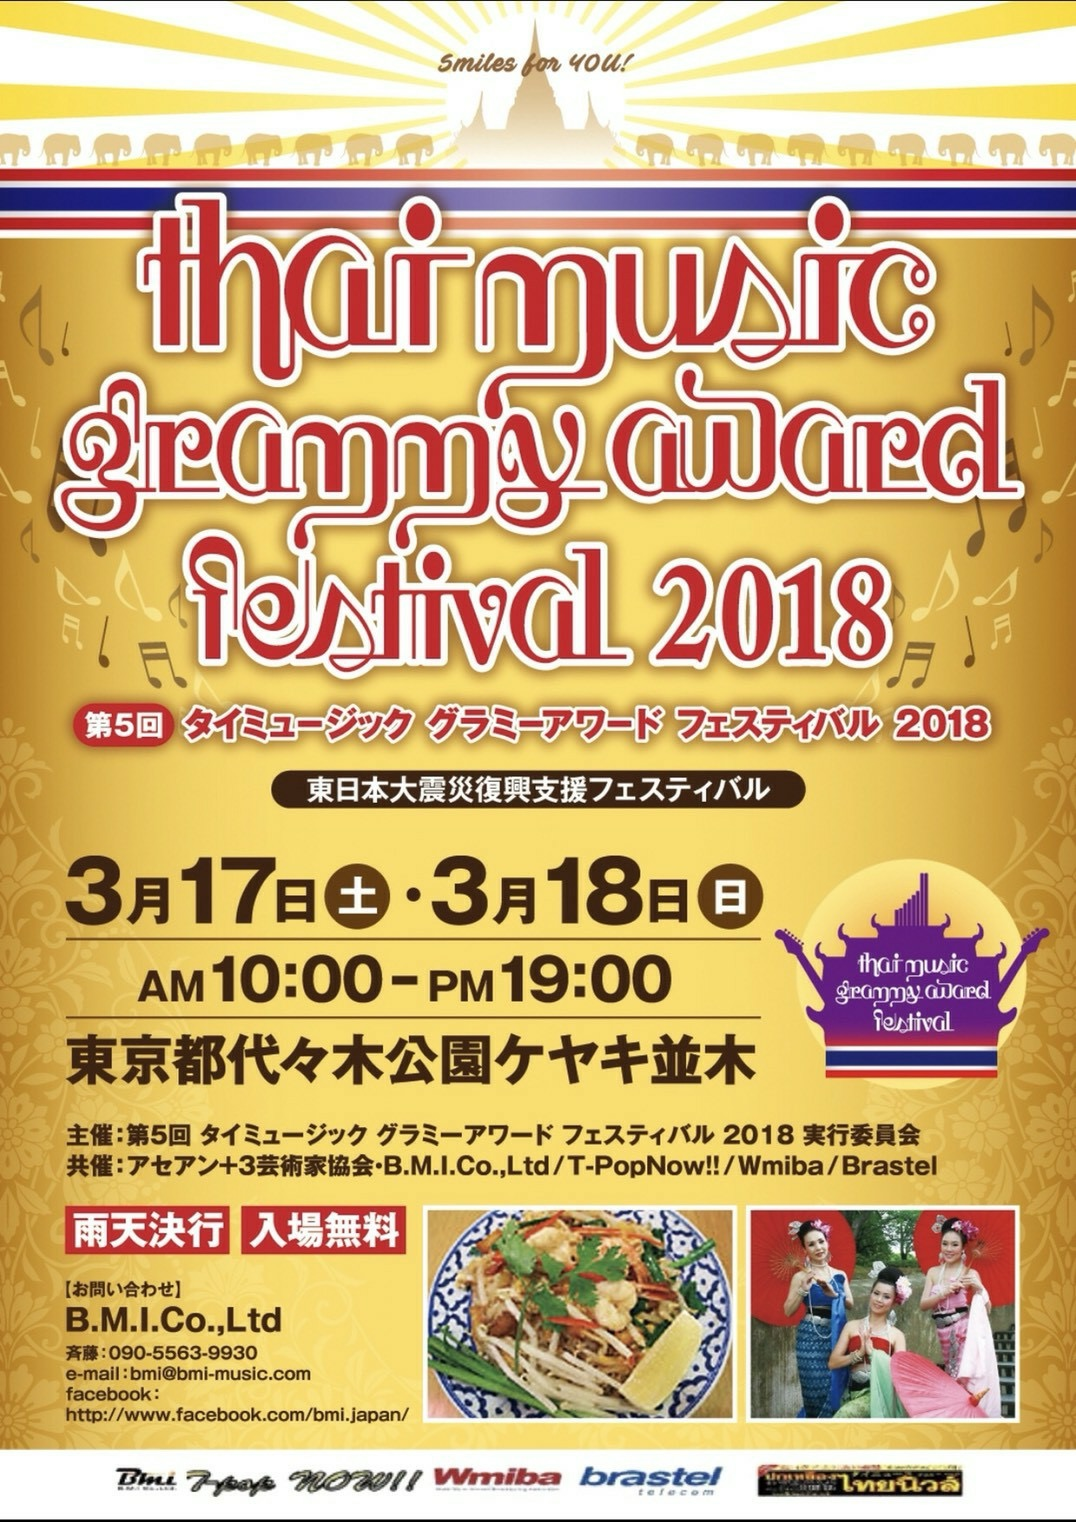 第5回タイミュージックグラミーアワードフェスティバル2018